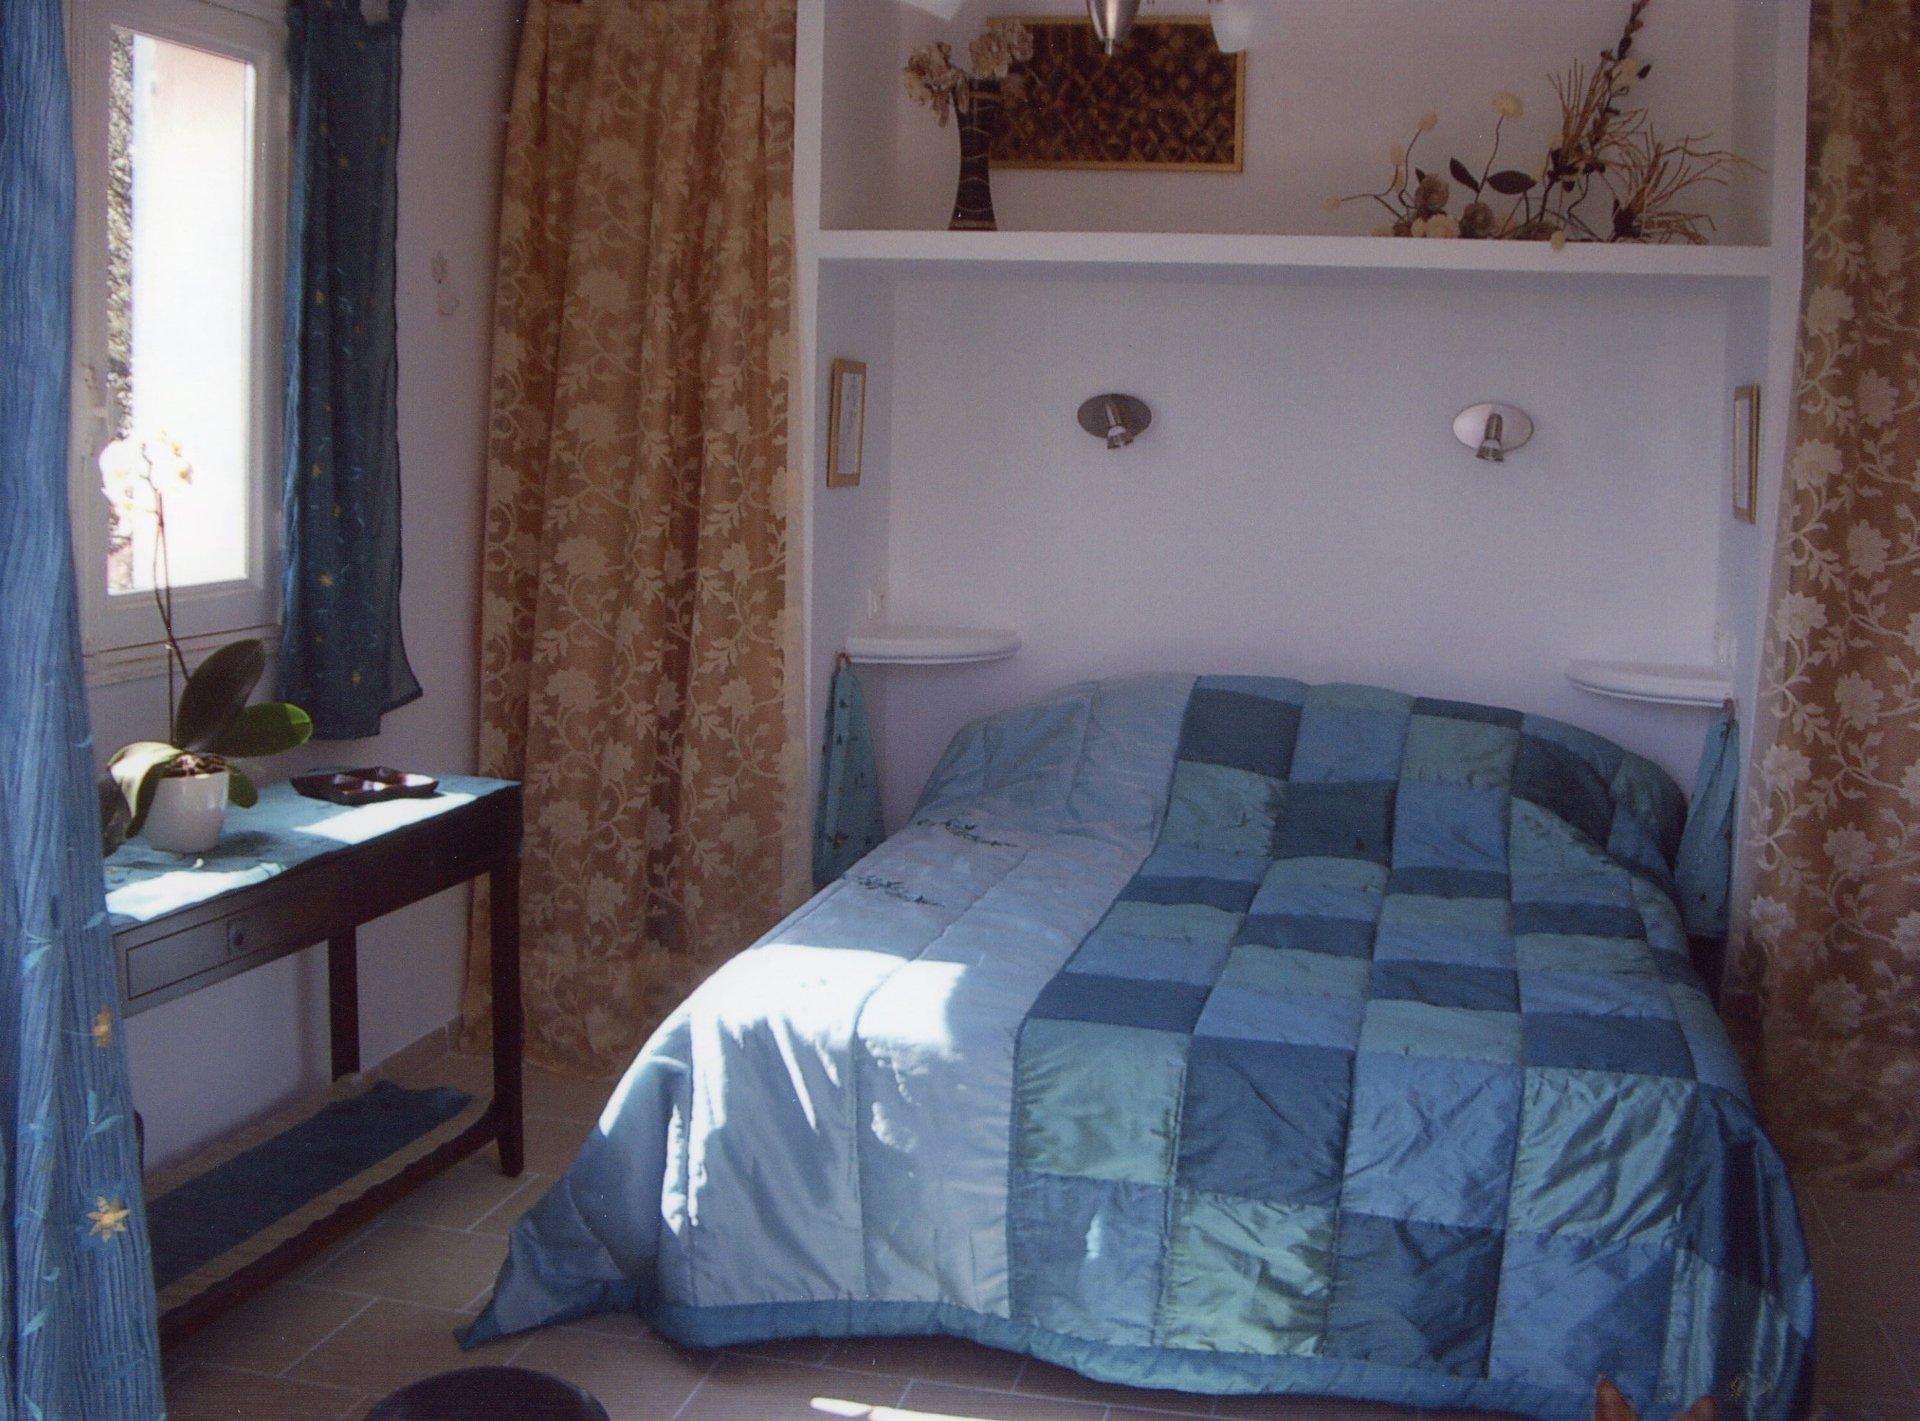 Saint-Paul-de-Vence, belle provençale meublée contemporain